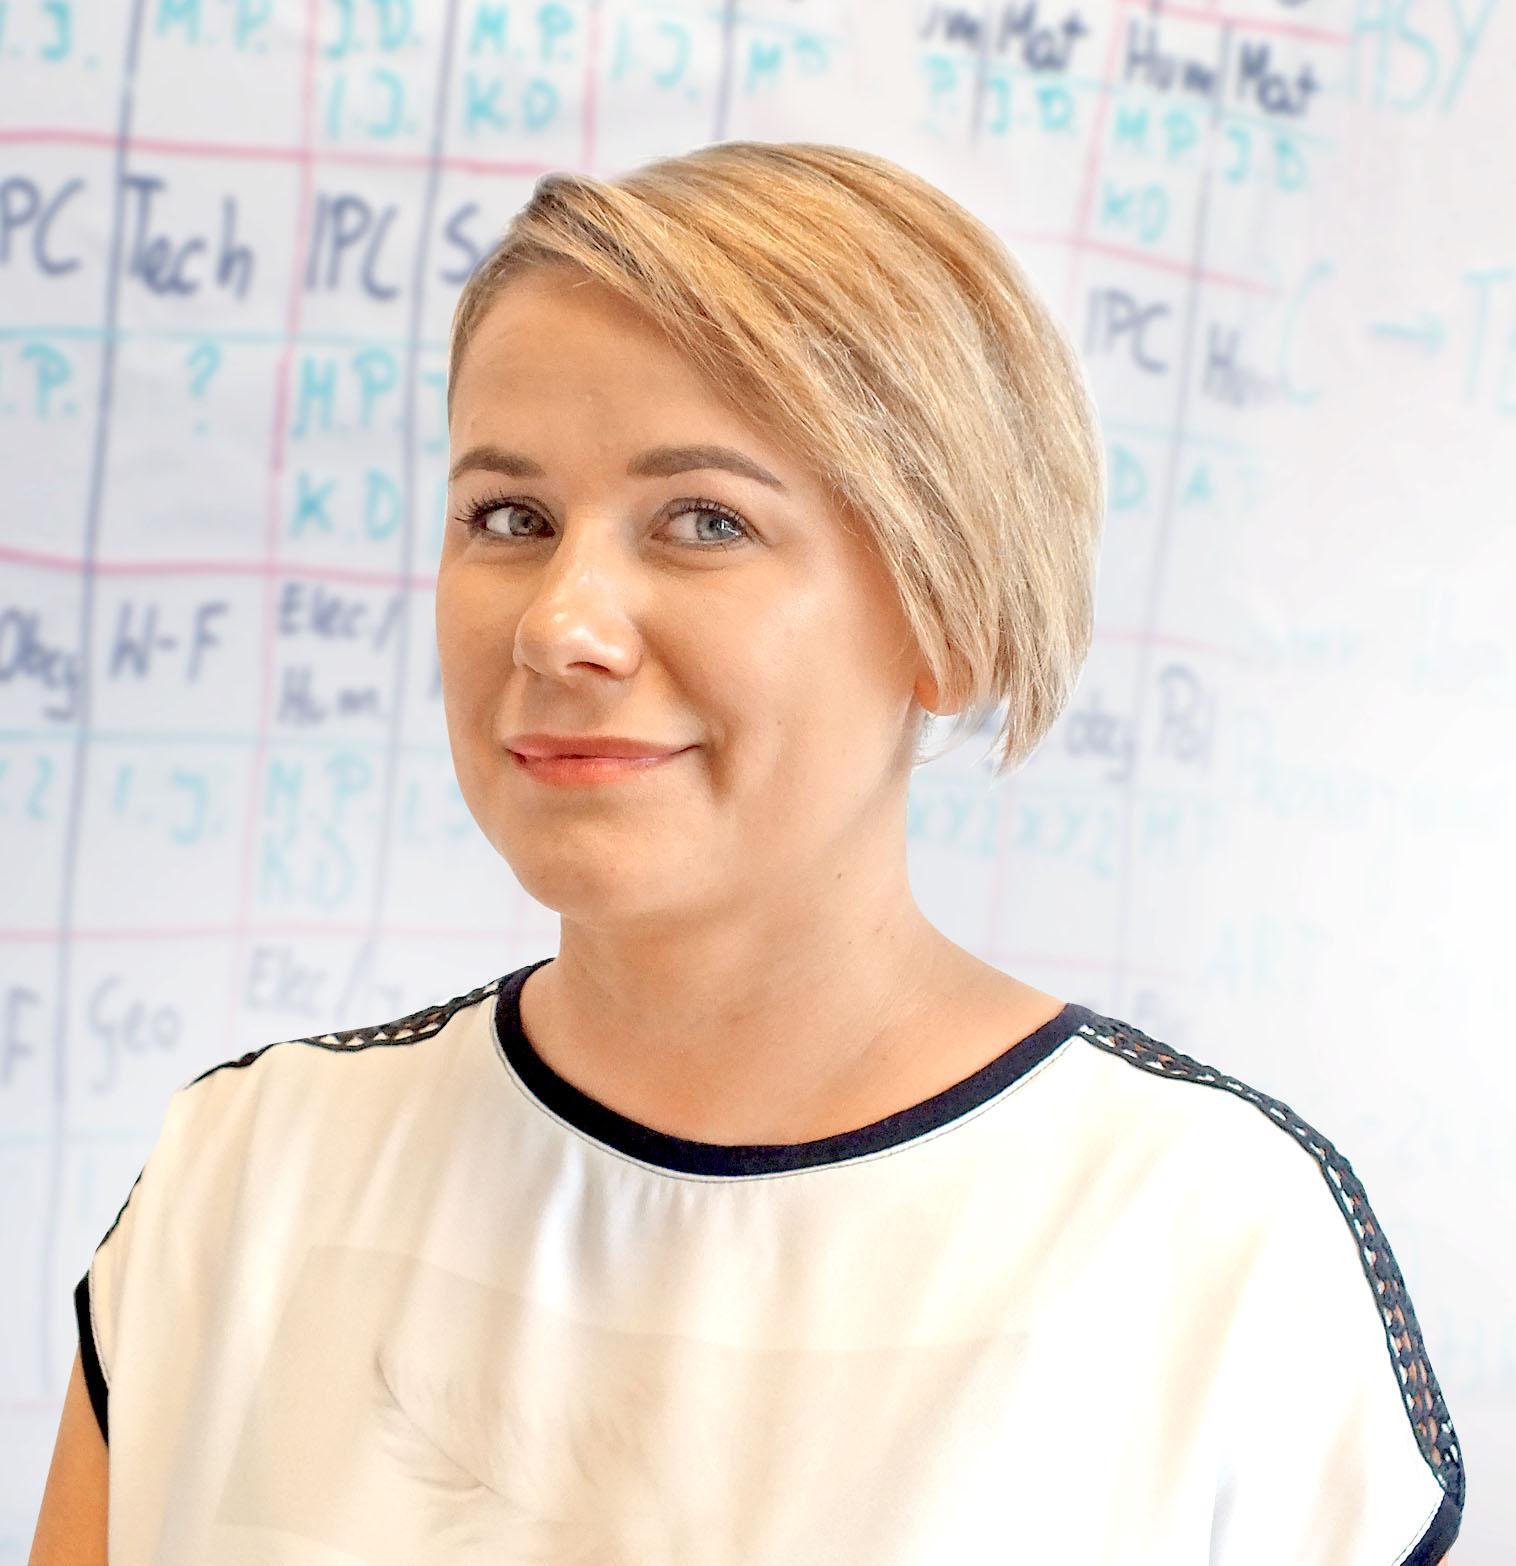 Karolina Kowalewska